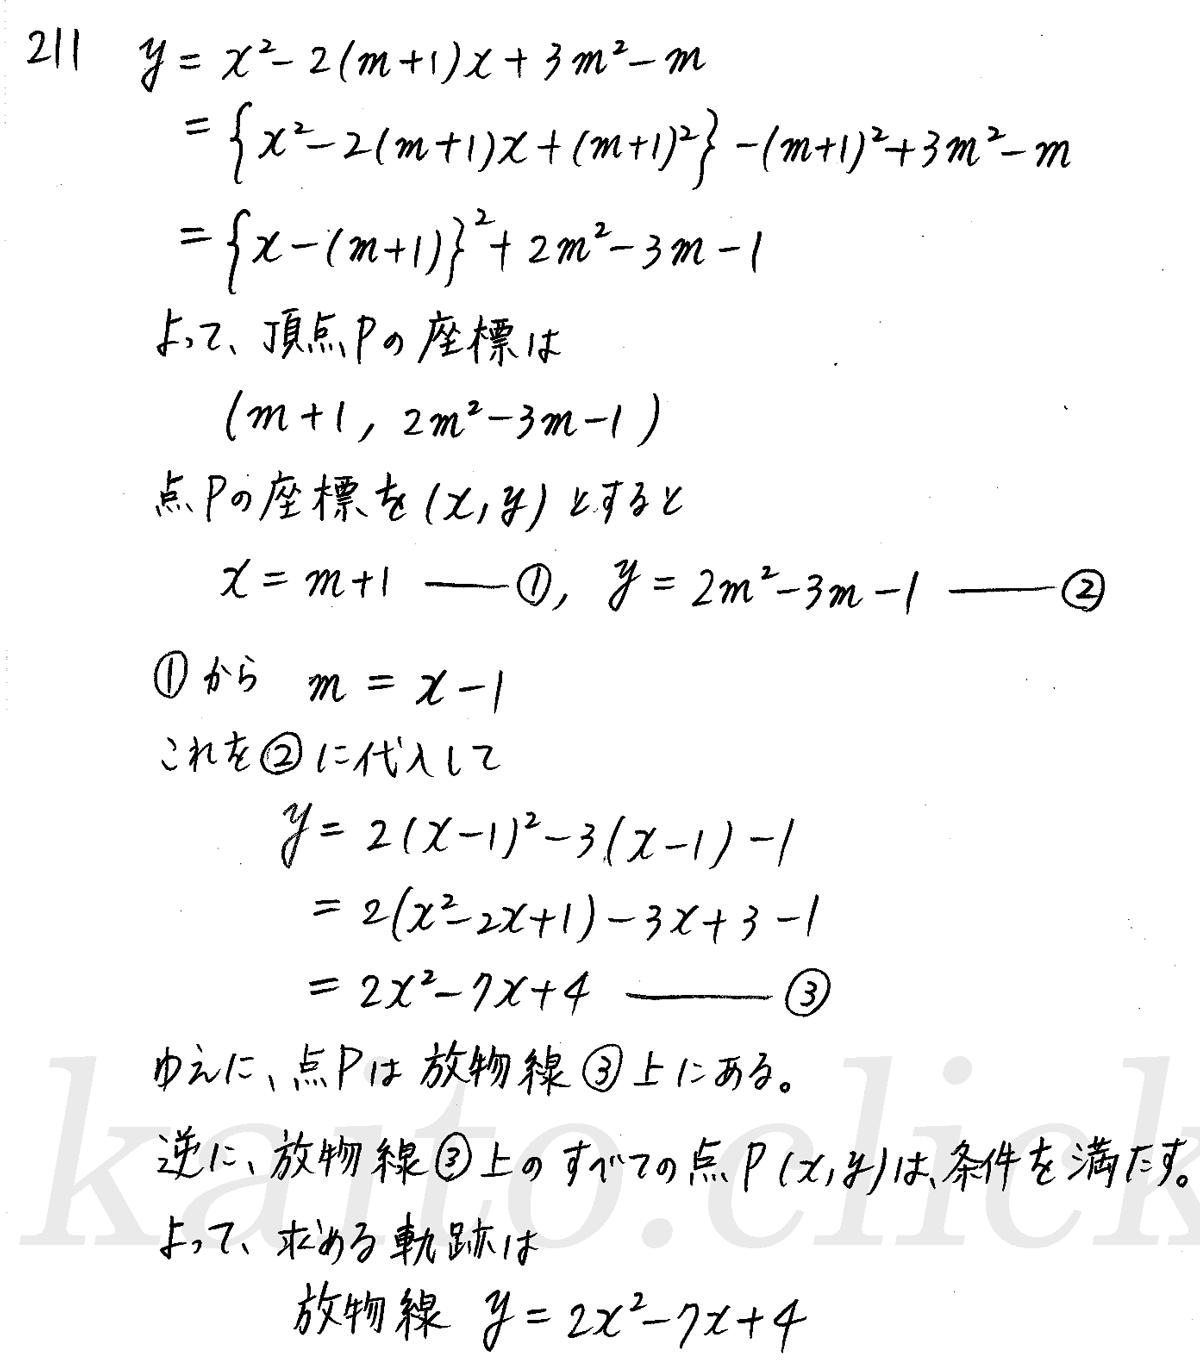 クリアー数学2-211解答